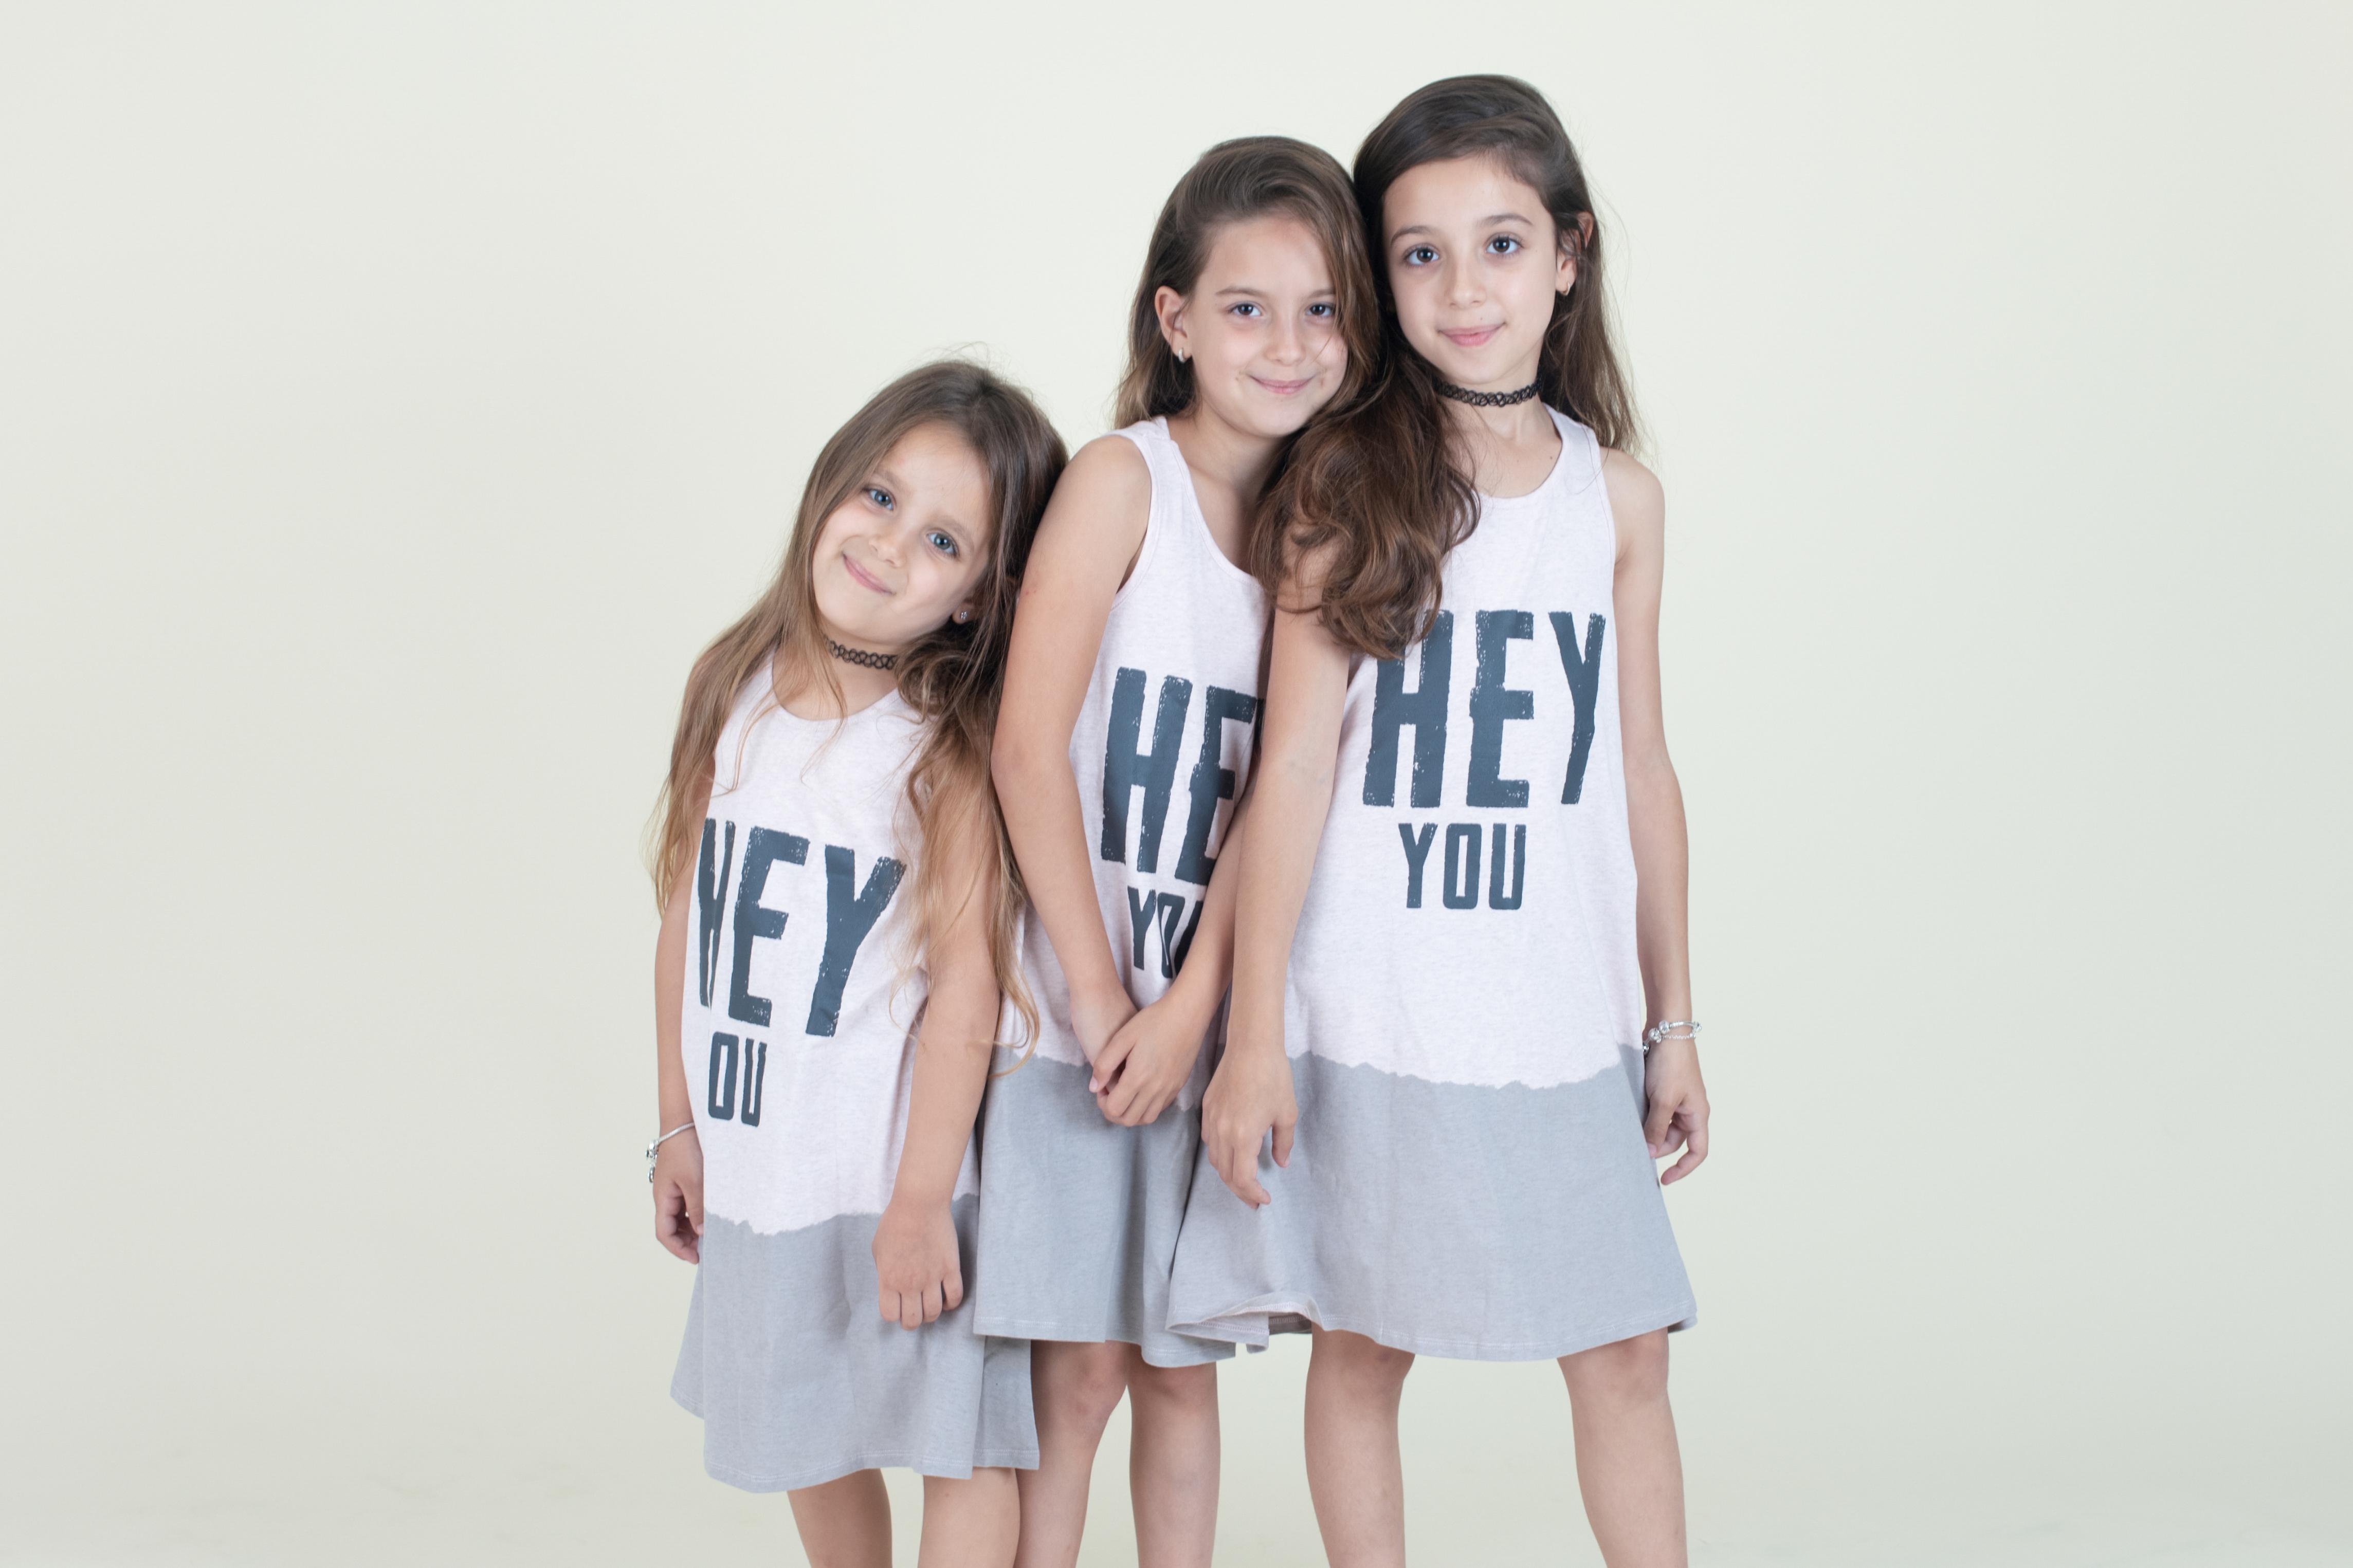 משפחה בסטודיו ילדים